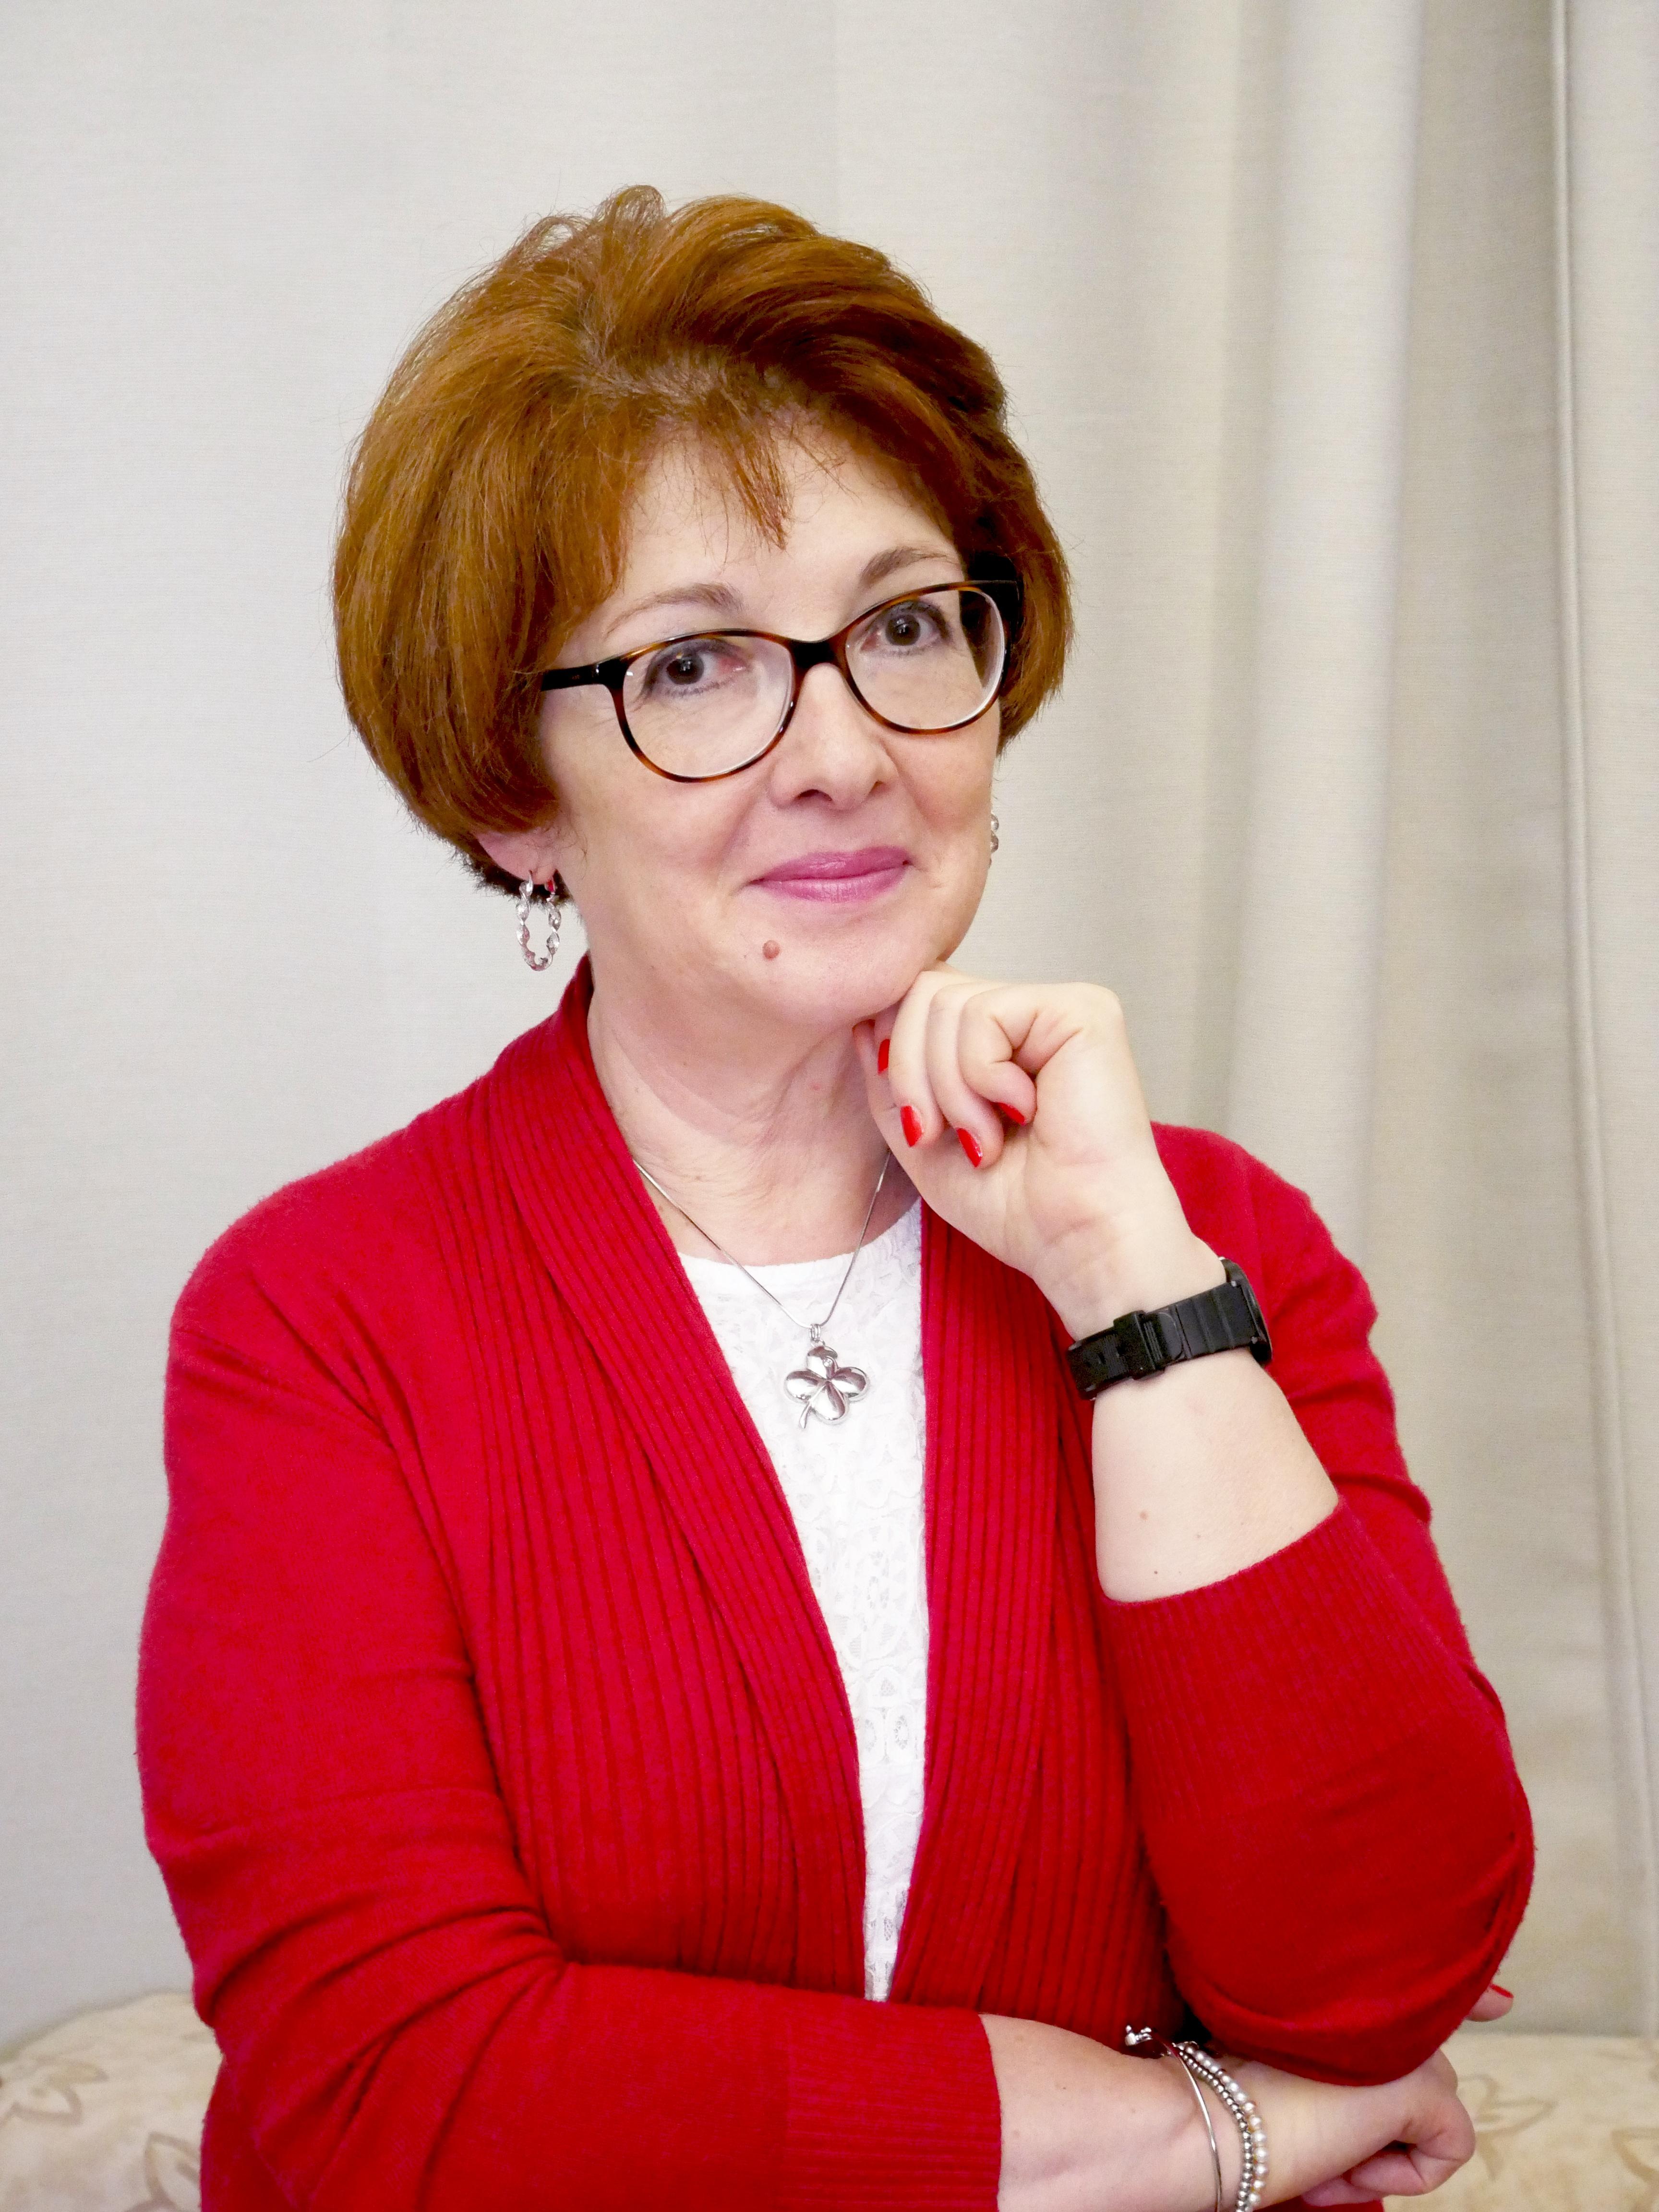 Maria Grazia Tirasso